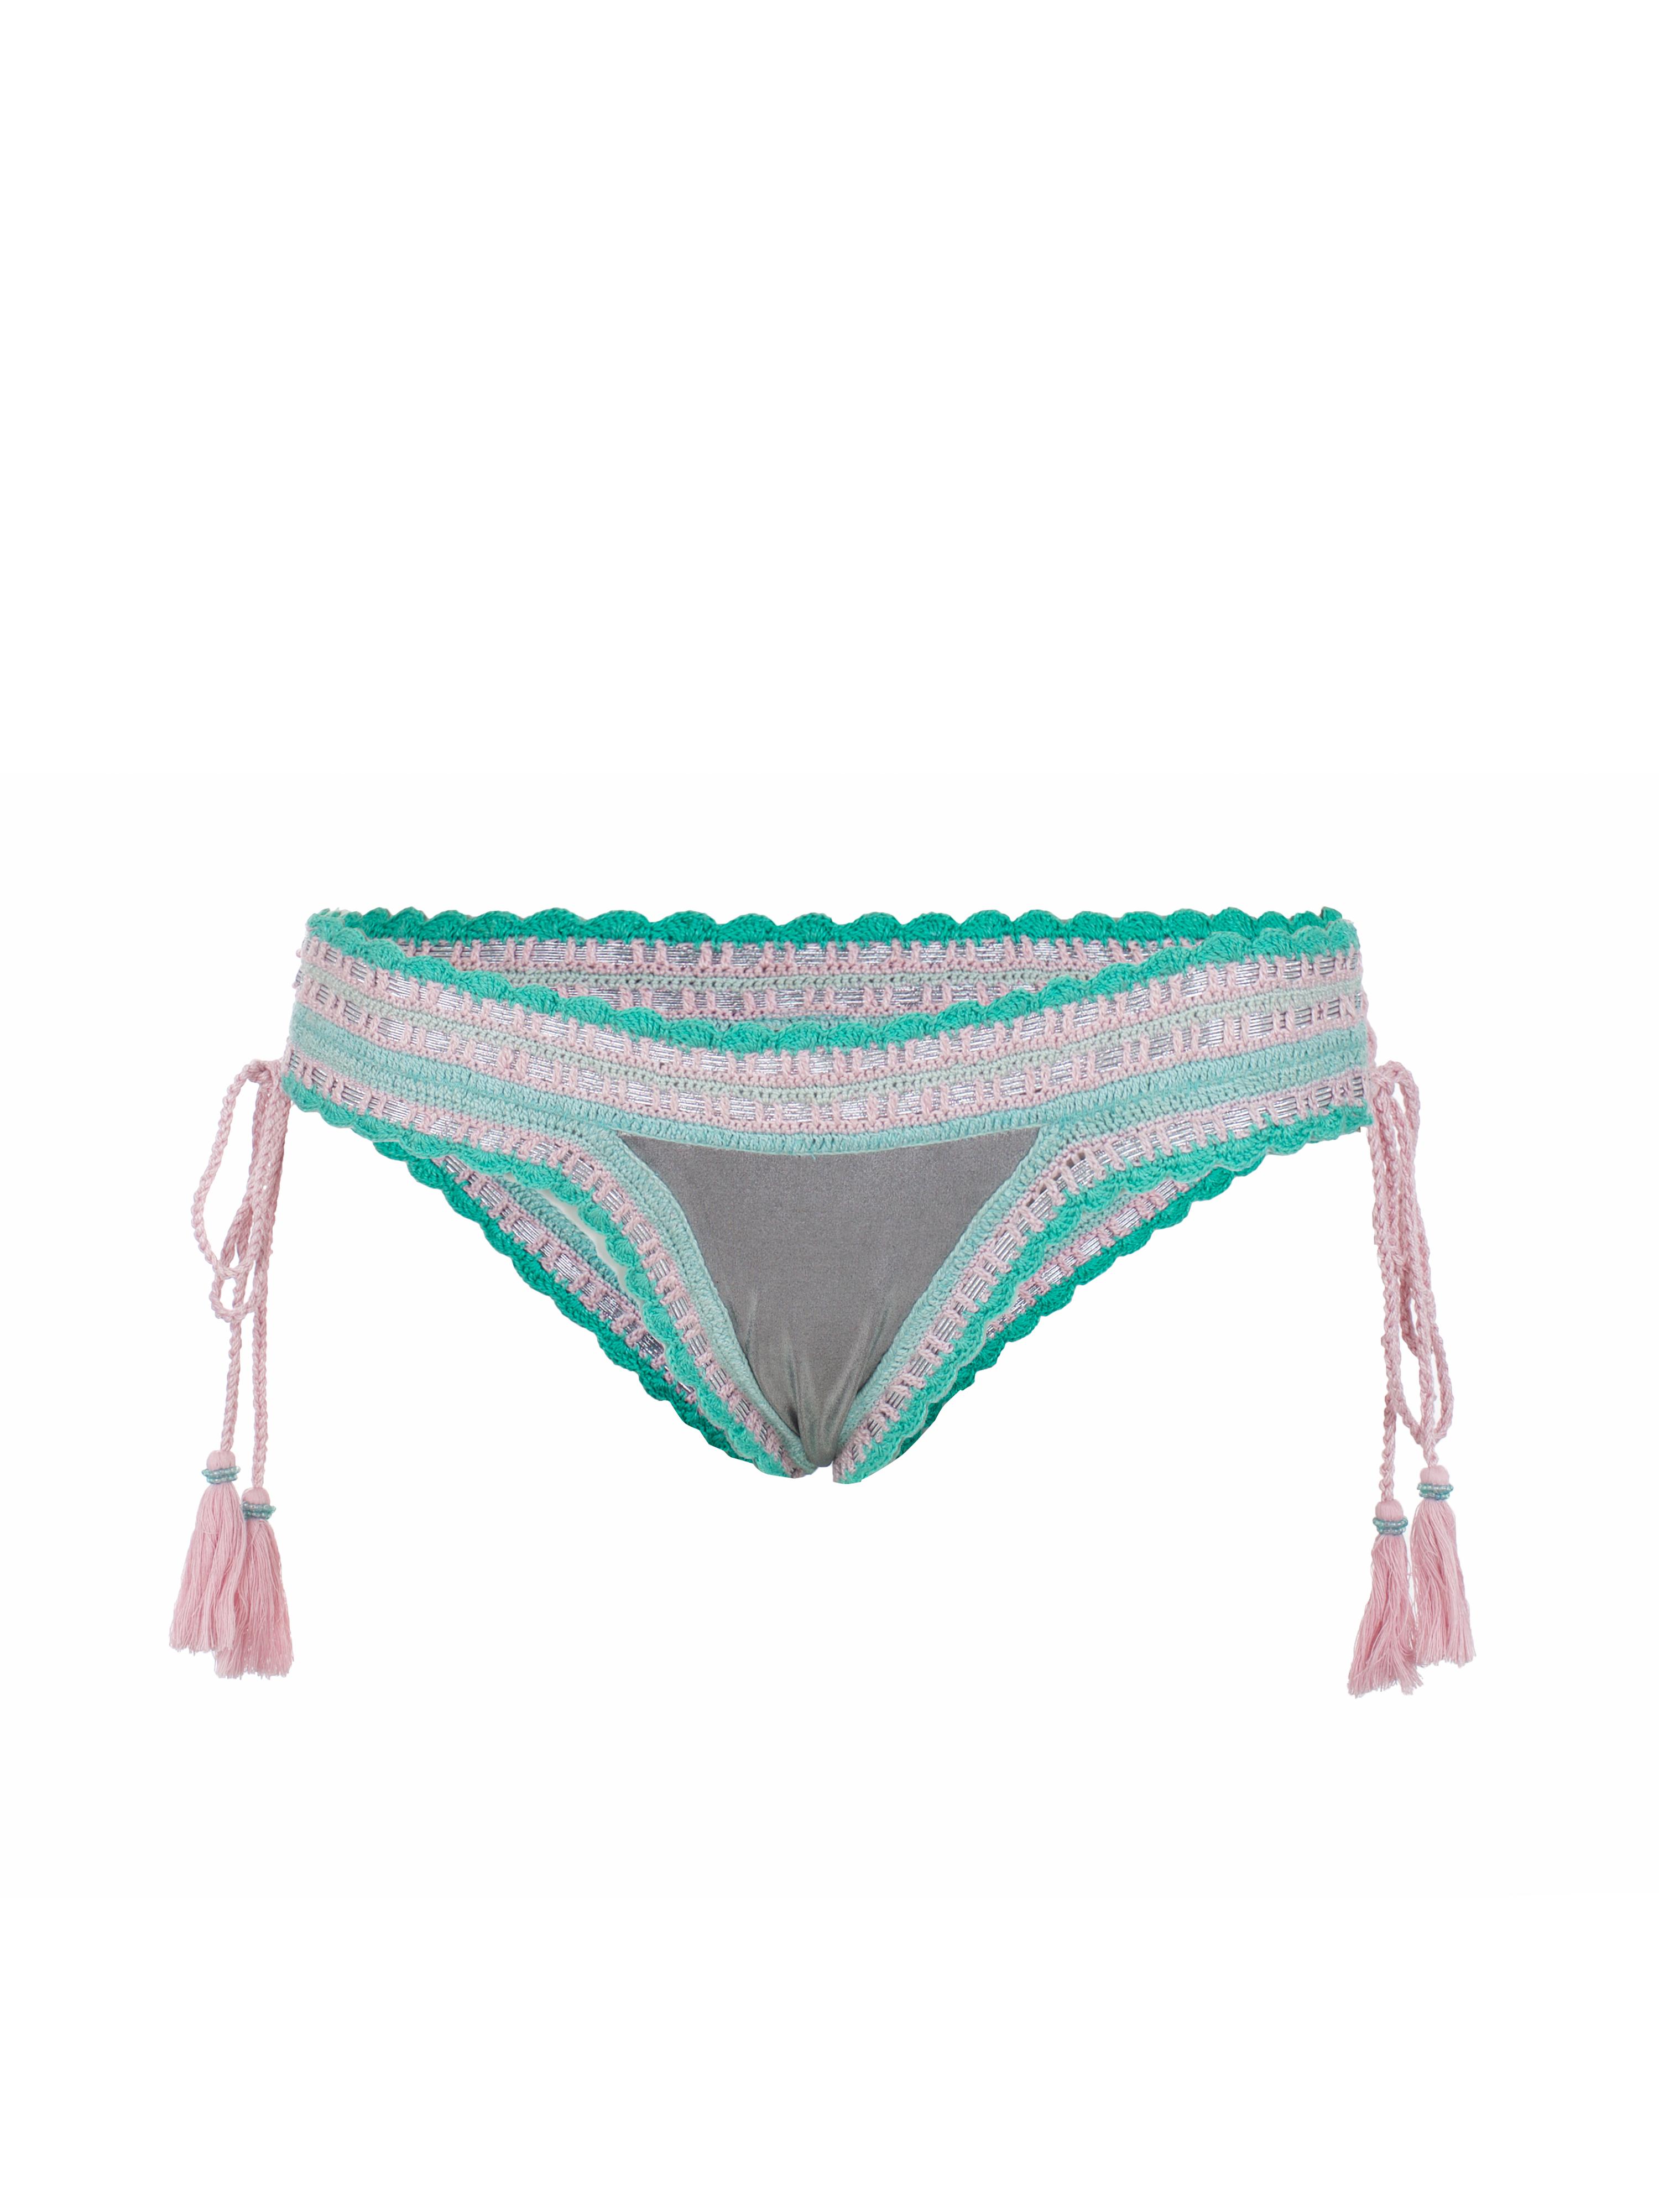 Yasmeen Cheeky Pants